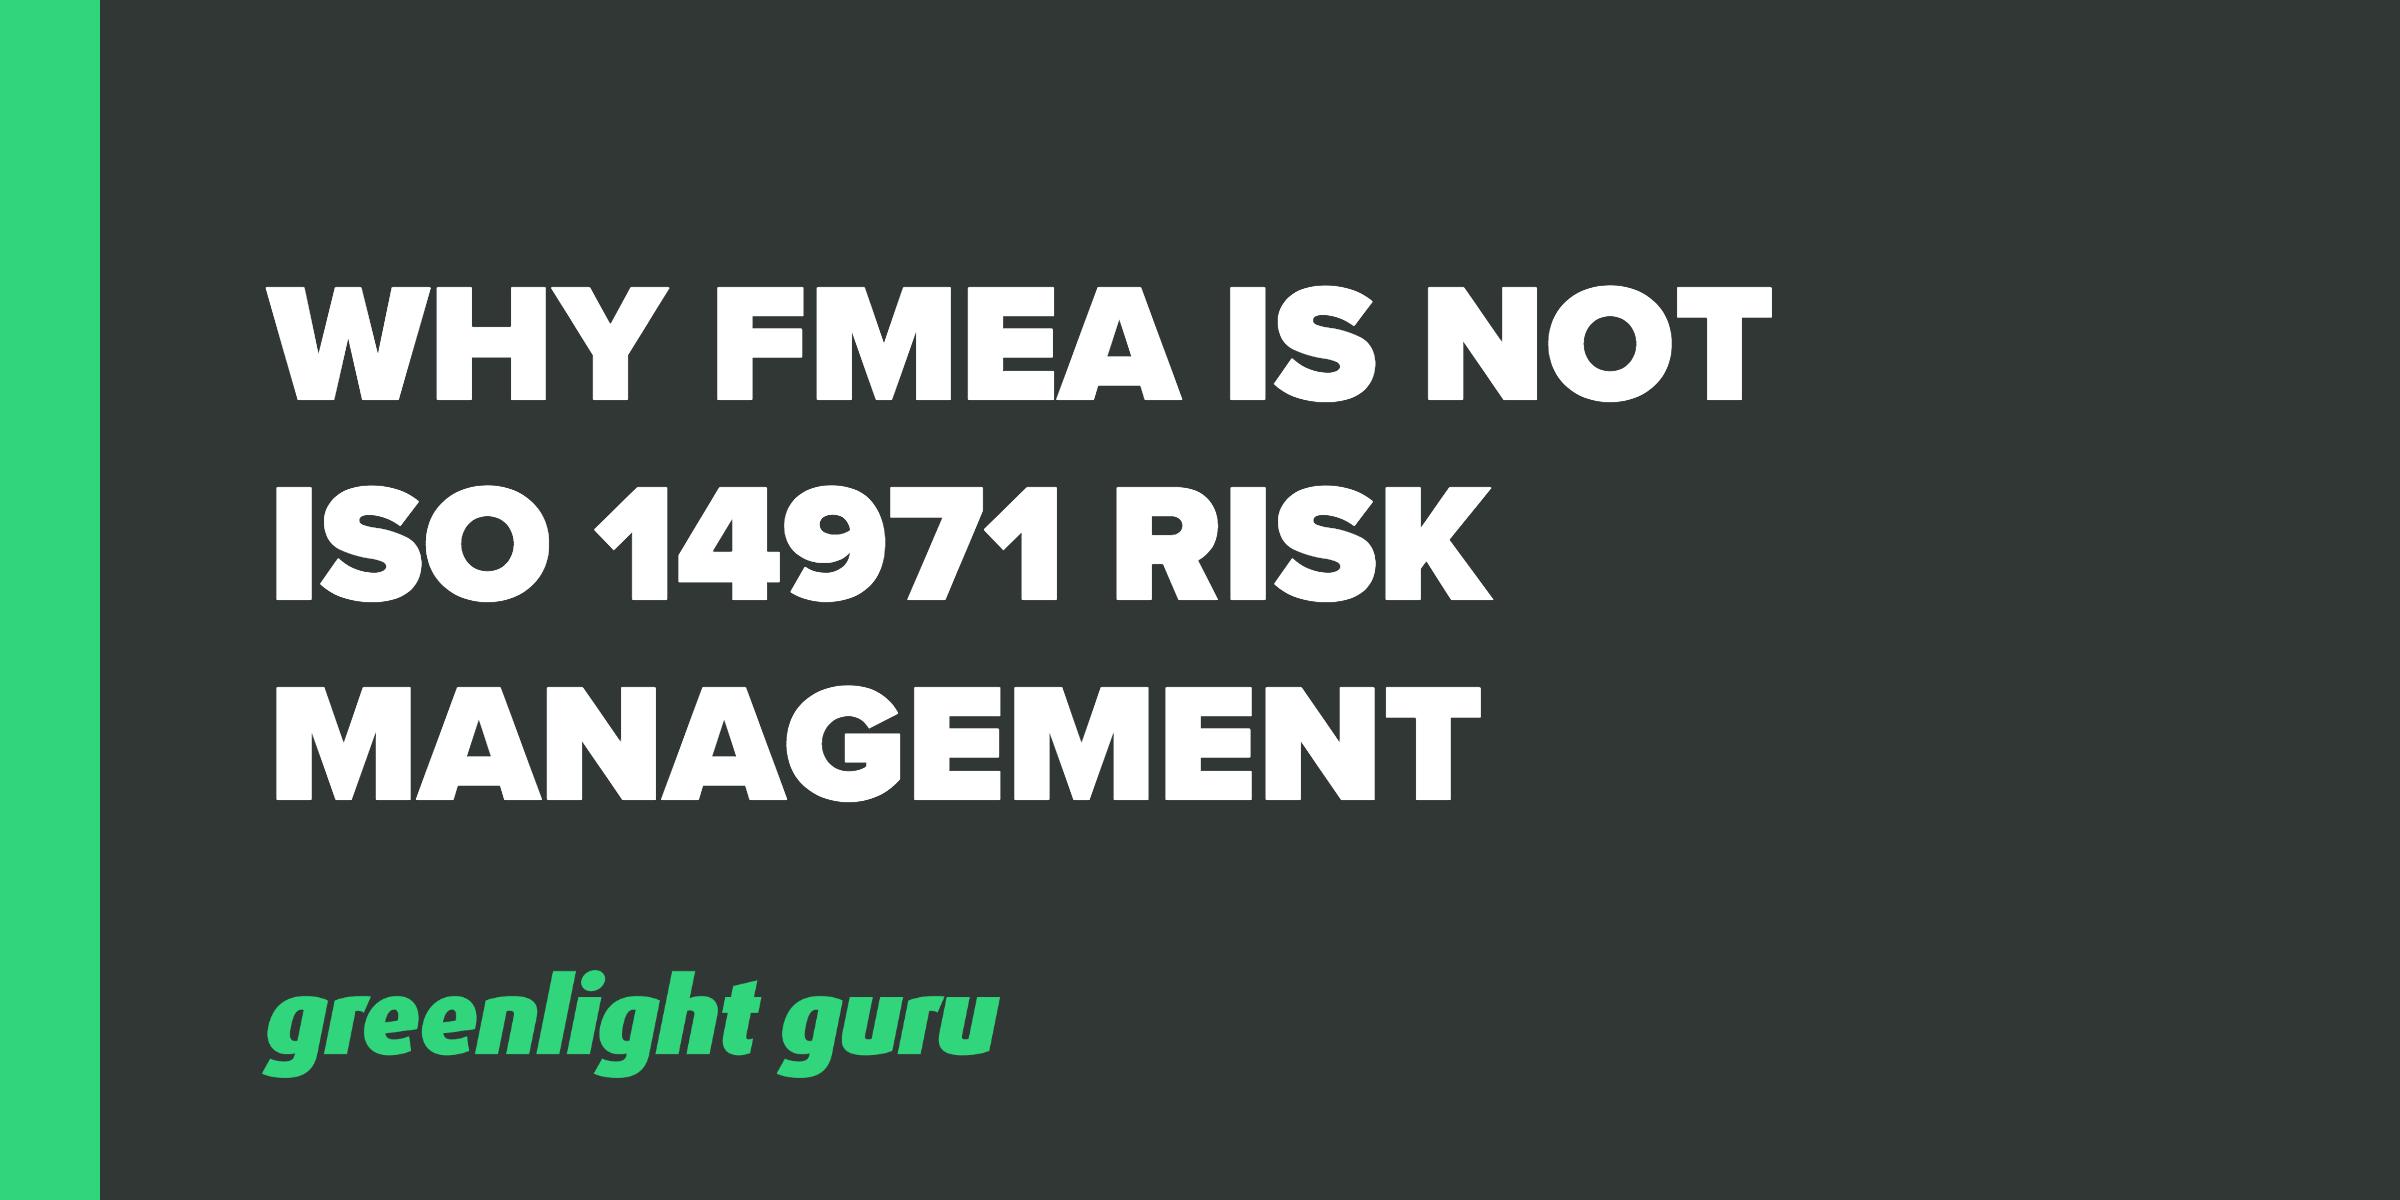 fmea is not